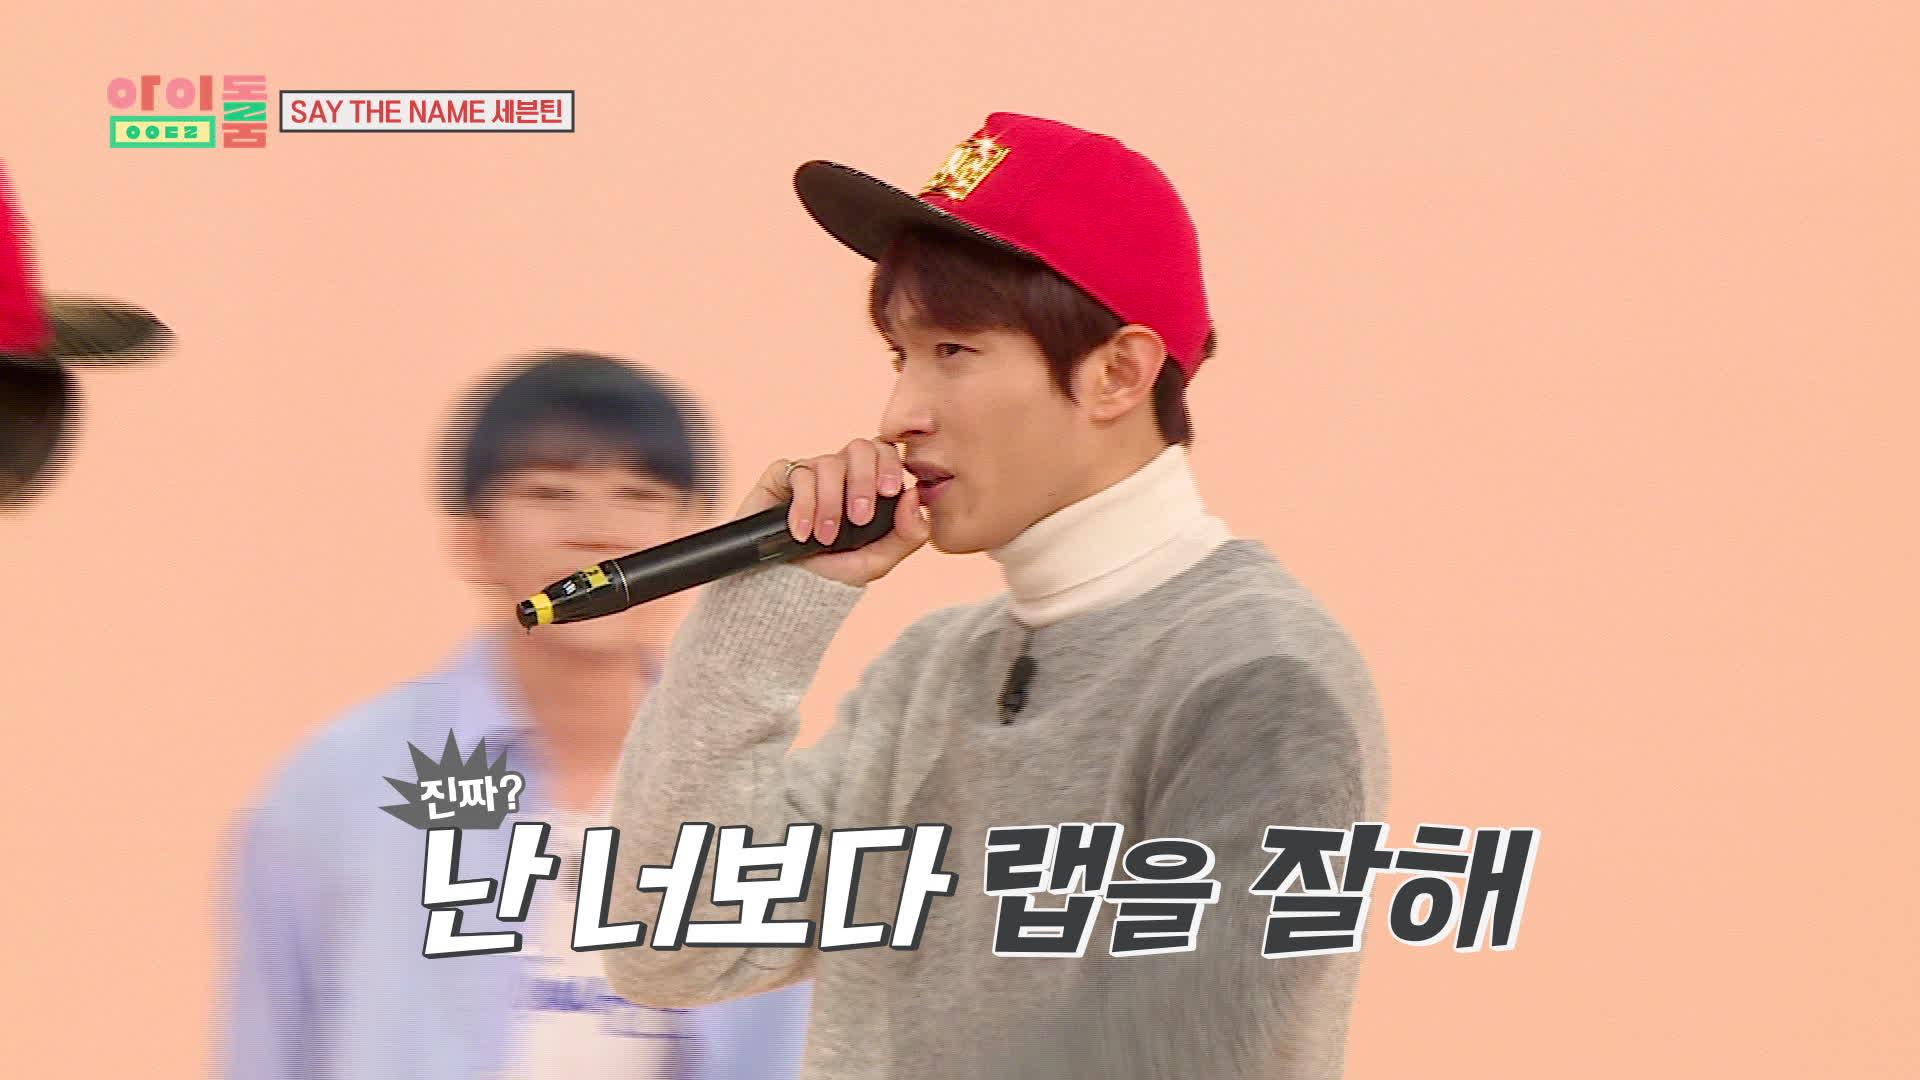 """아이돌룸(IDOL ROOM) 36회 - 세븐틴 도겸 vs 조슈아, """"비트 주세요!"""""""